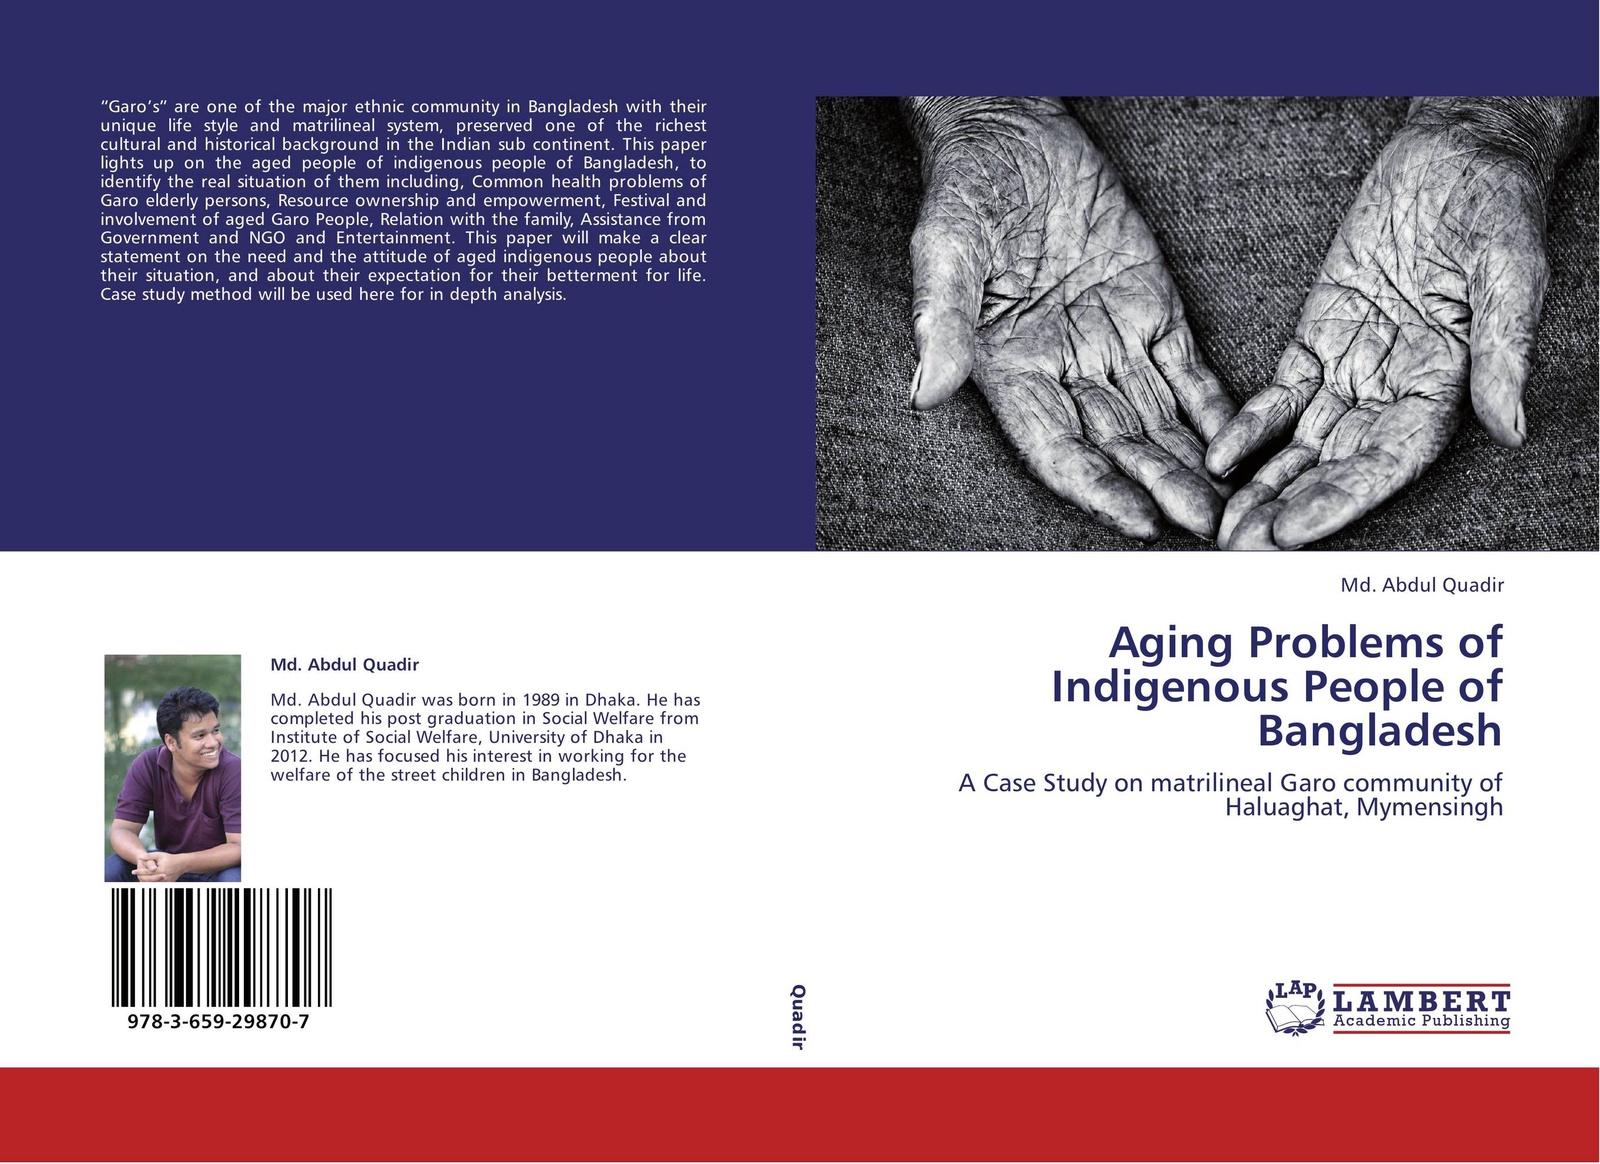 Md. Abdul Quadir Aging Problems of Indigenous People of Bangladesh aging problems of indigenous people of bangladesh